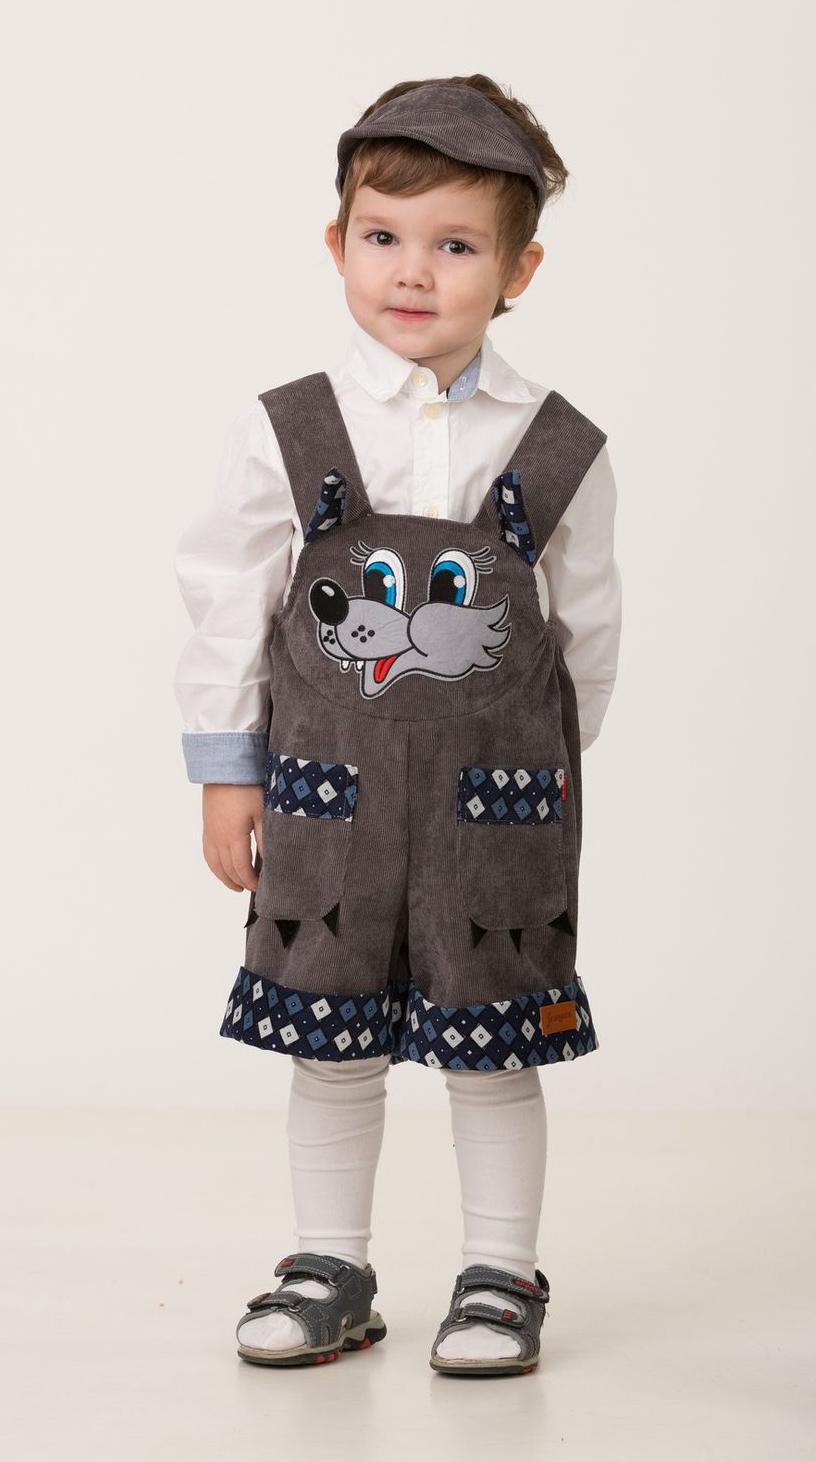 Карнавальный костюм Jeanees Волчонок Крепыш, цвет: тёмно-серый. Размер: 26 карнавальный костюм jeanees зайчонок хвастунишка цвет голубой размер 24